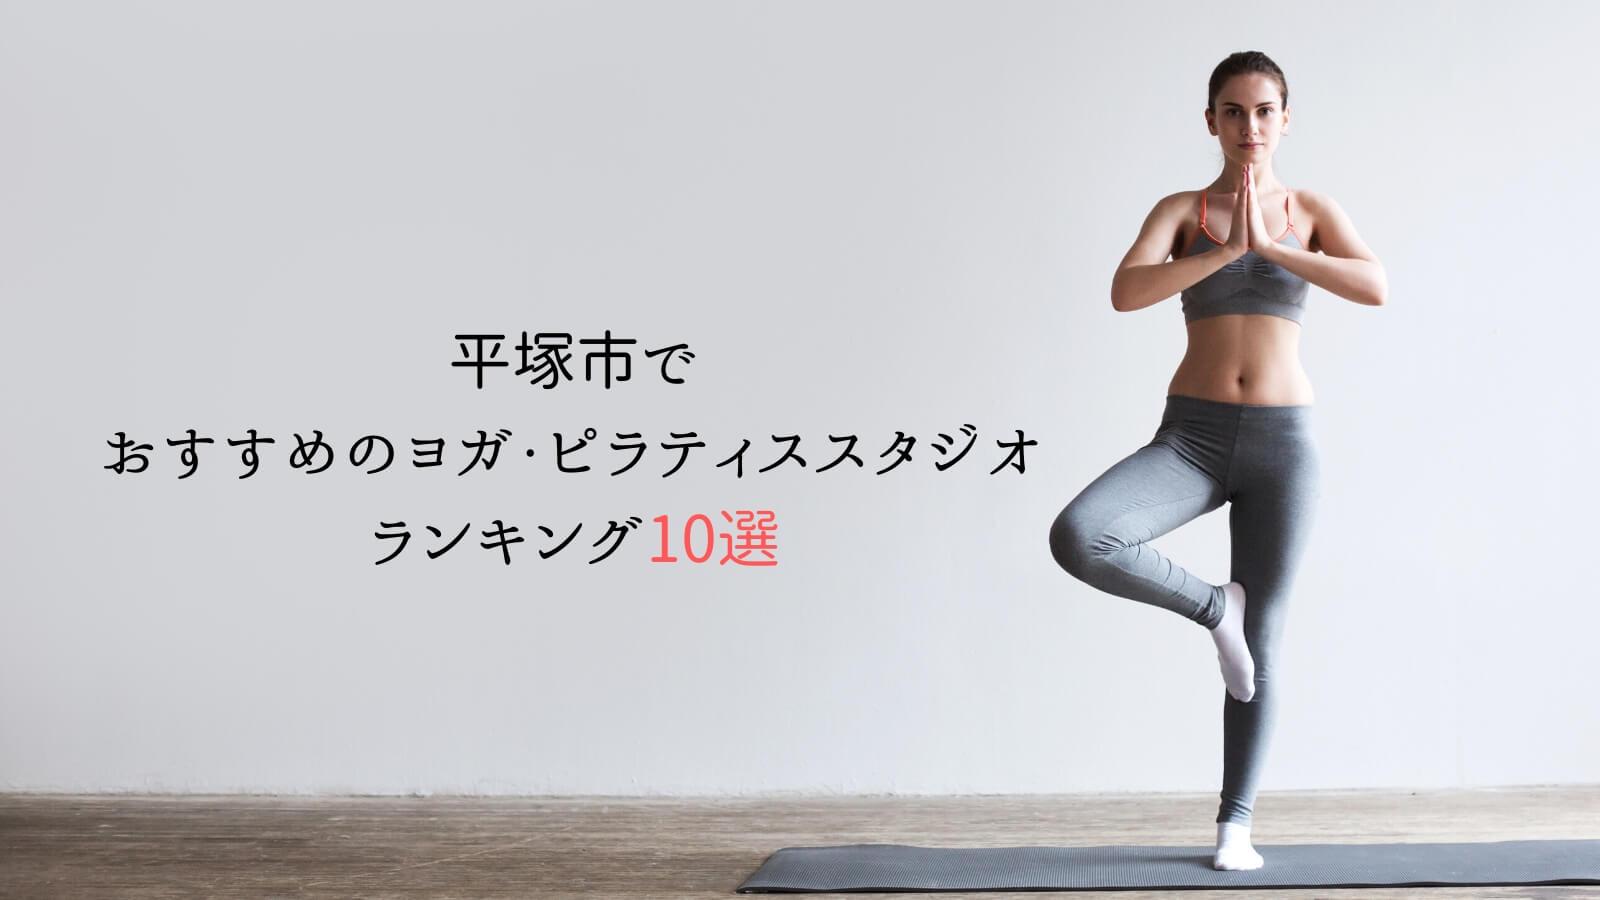 平塚市でおすすめのヨガ・ピラティススタジオランキング10選